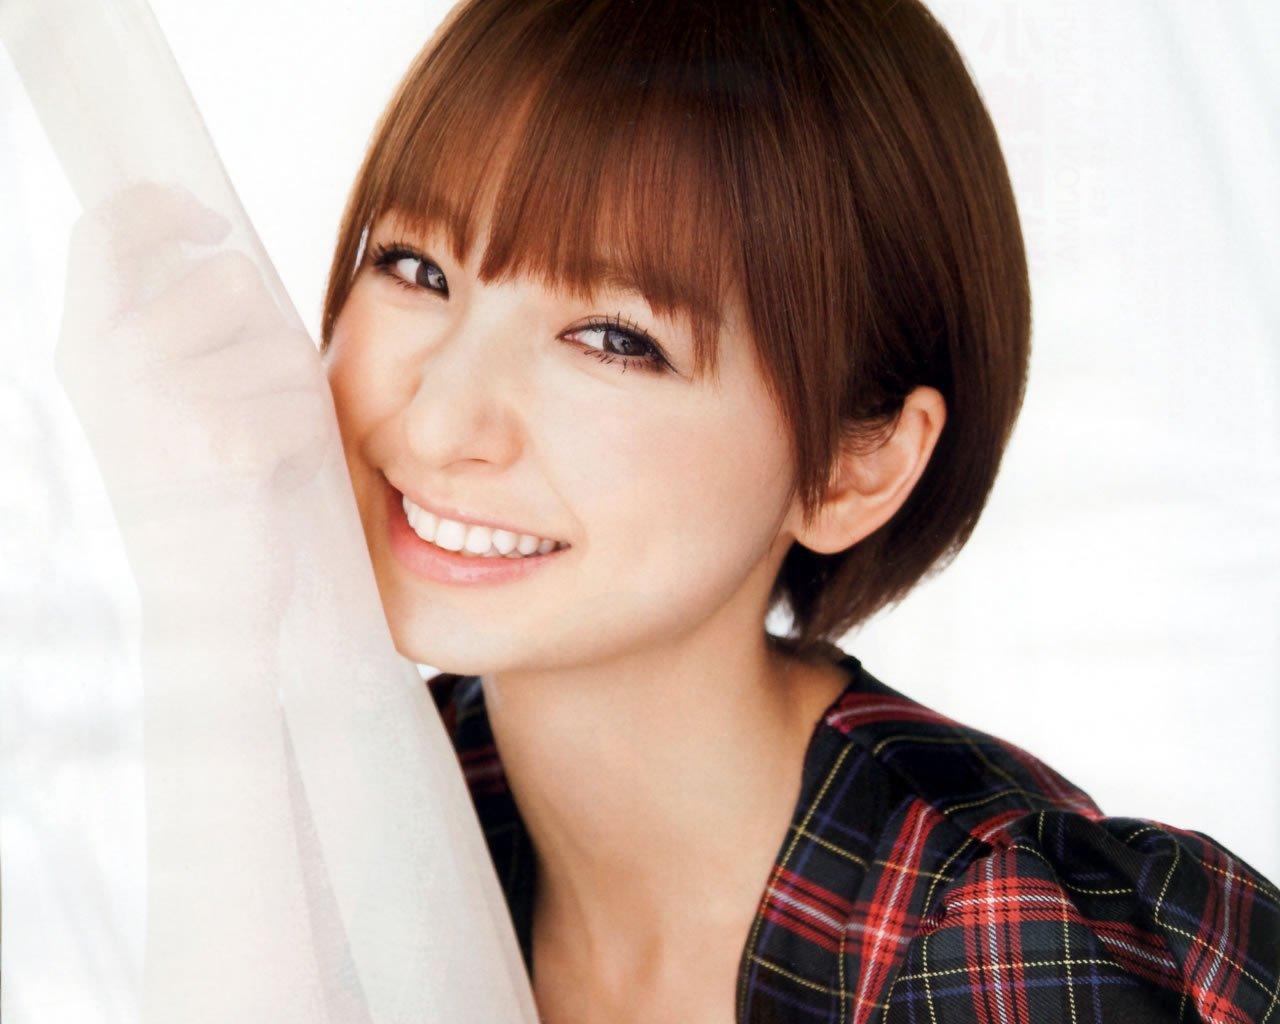 I0004673 13 - AKB48篠田麻里子の現在の姿は?